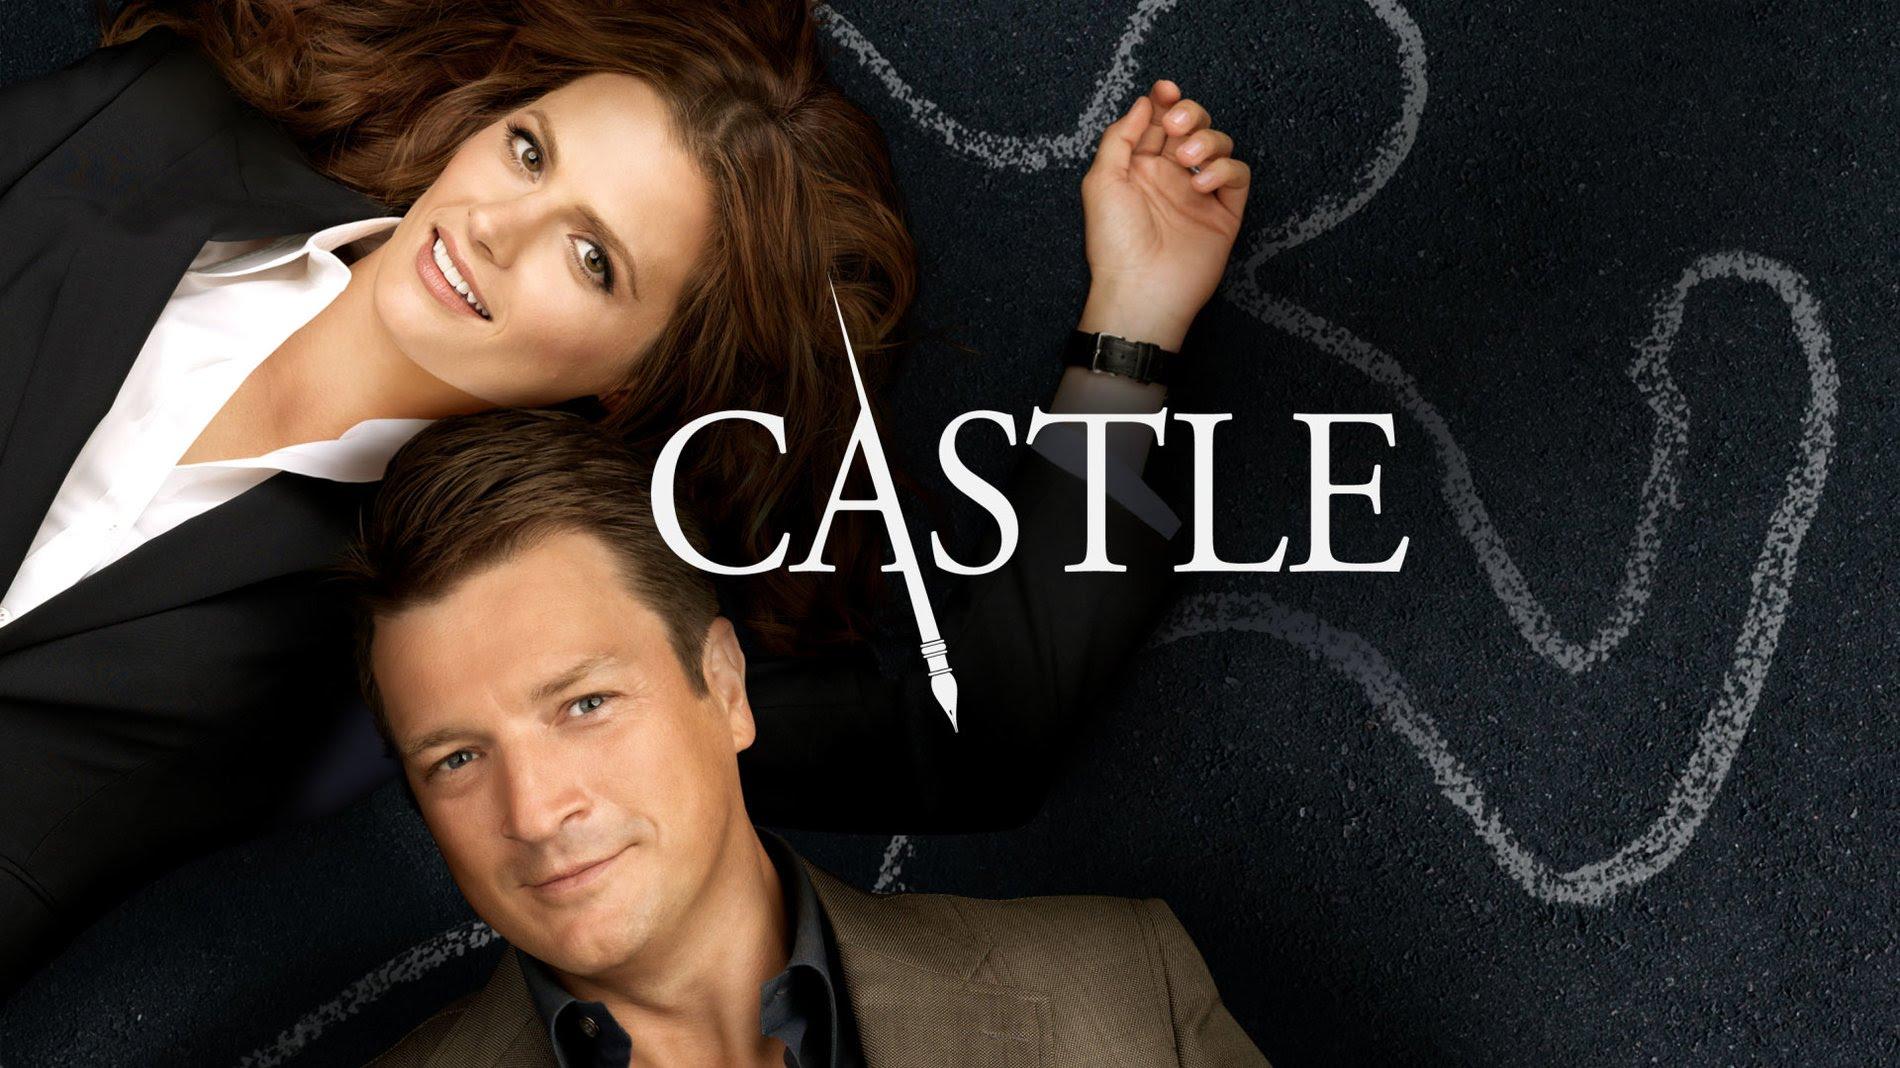 Download Castle S08E22 720p HDTV x264-DIMENSION - SoftArchive